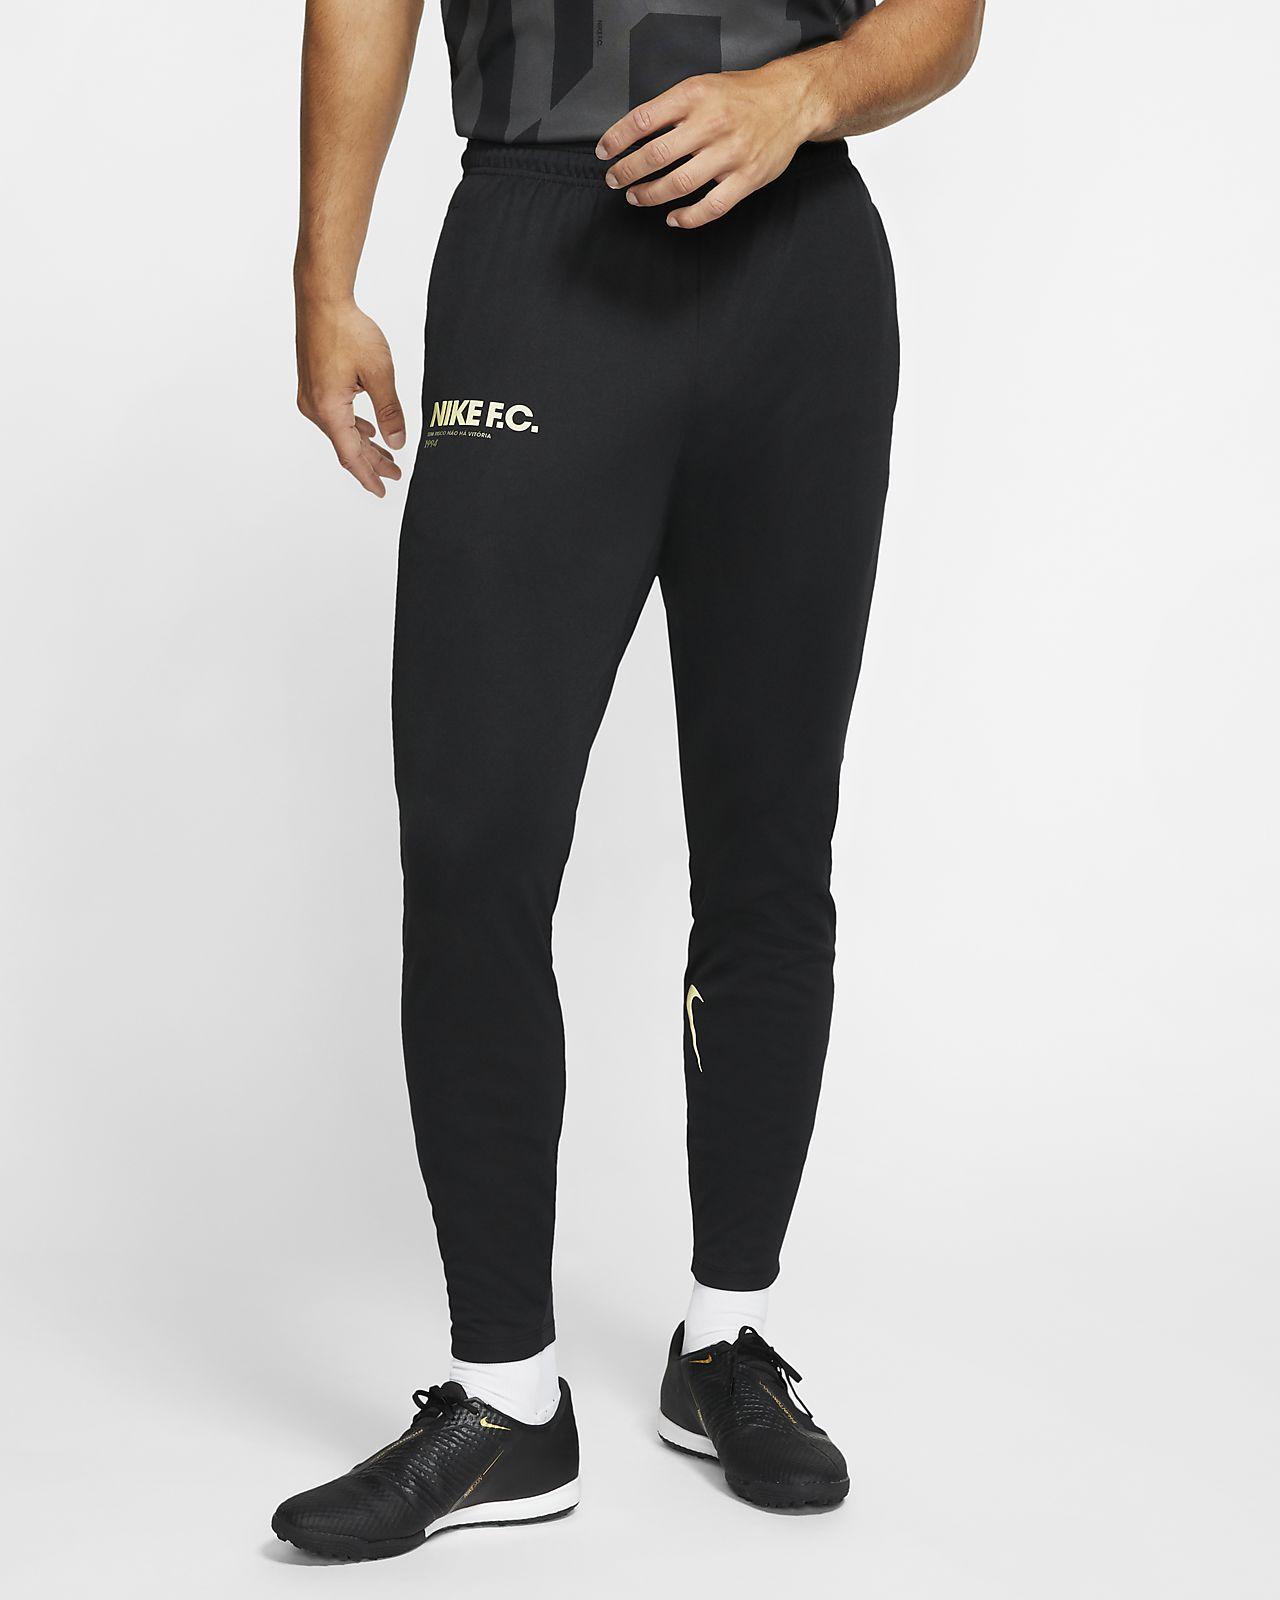 Spodnie męskie Nike F.C.